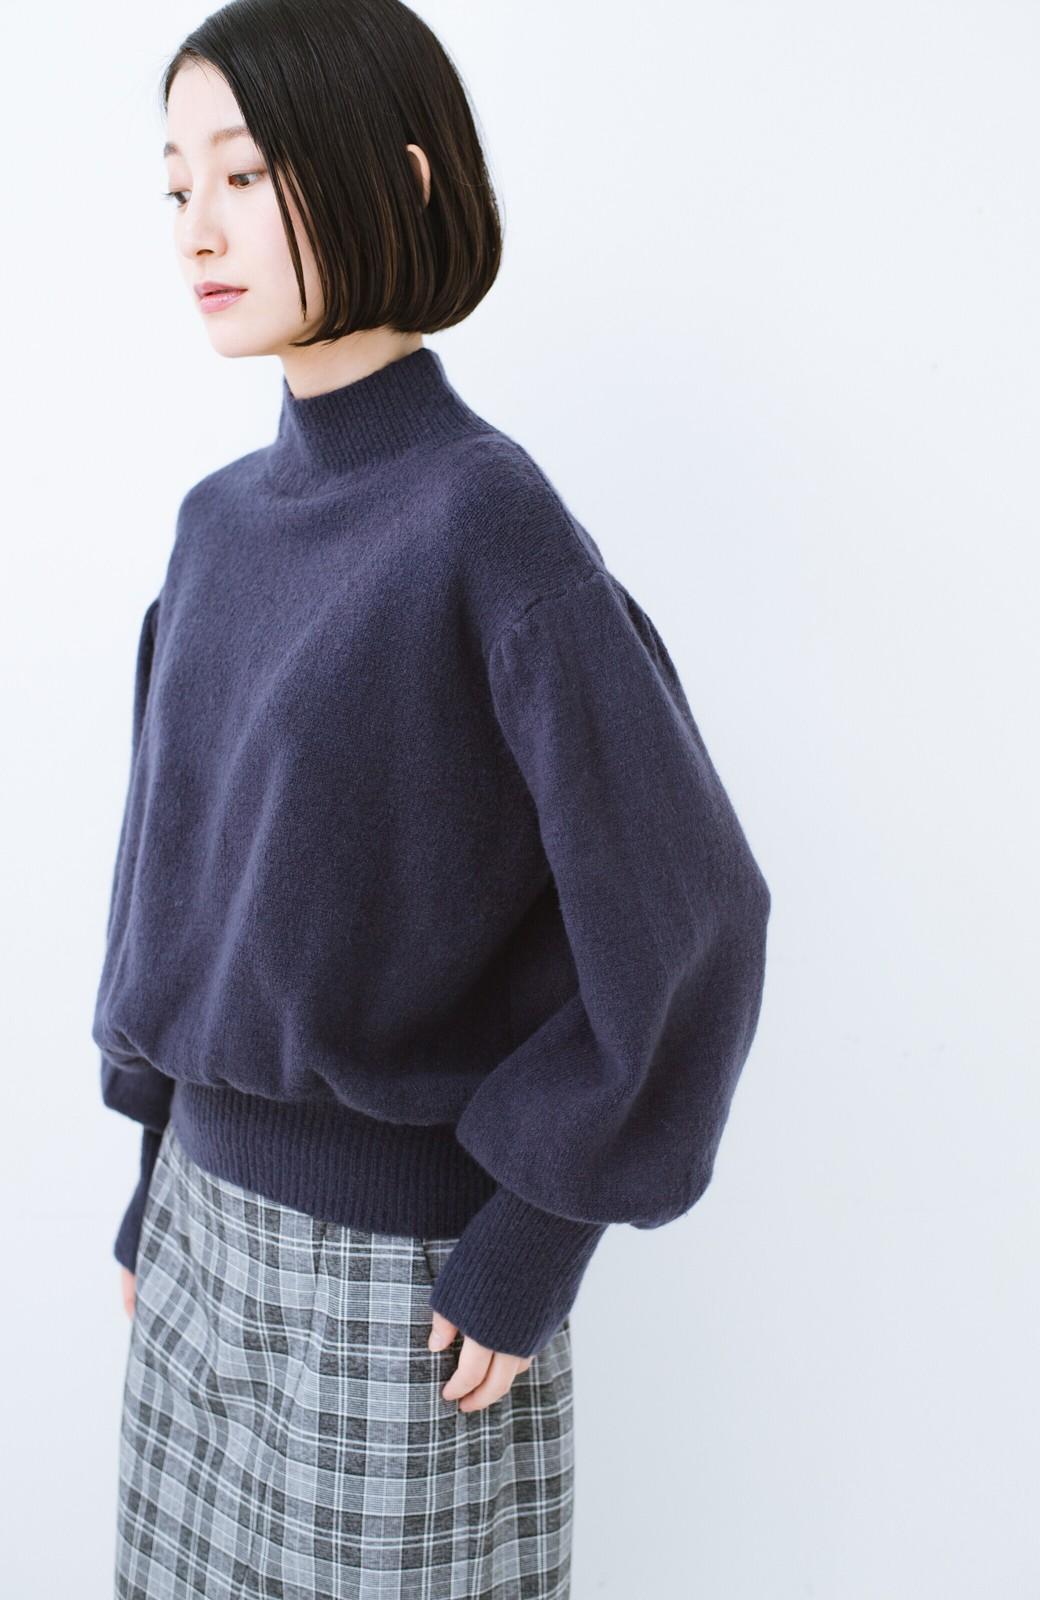 haco! 肌見せせずとも華奢見えできる ぷっくり袖のショートニット <ネイビー>の商品写真9